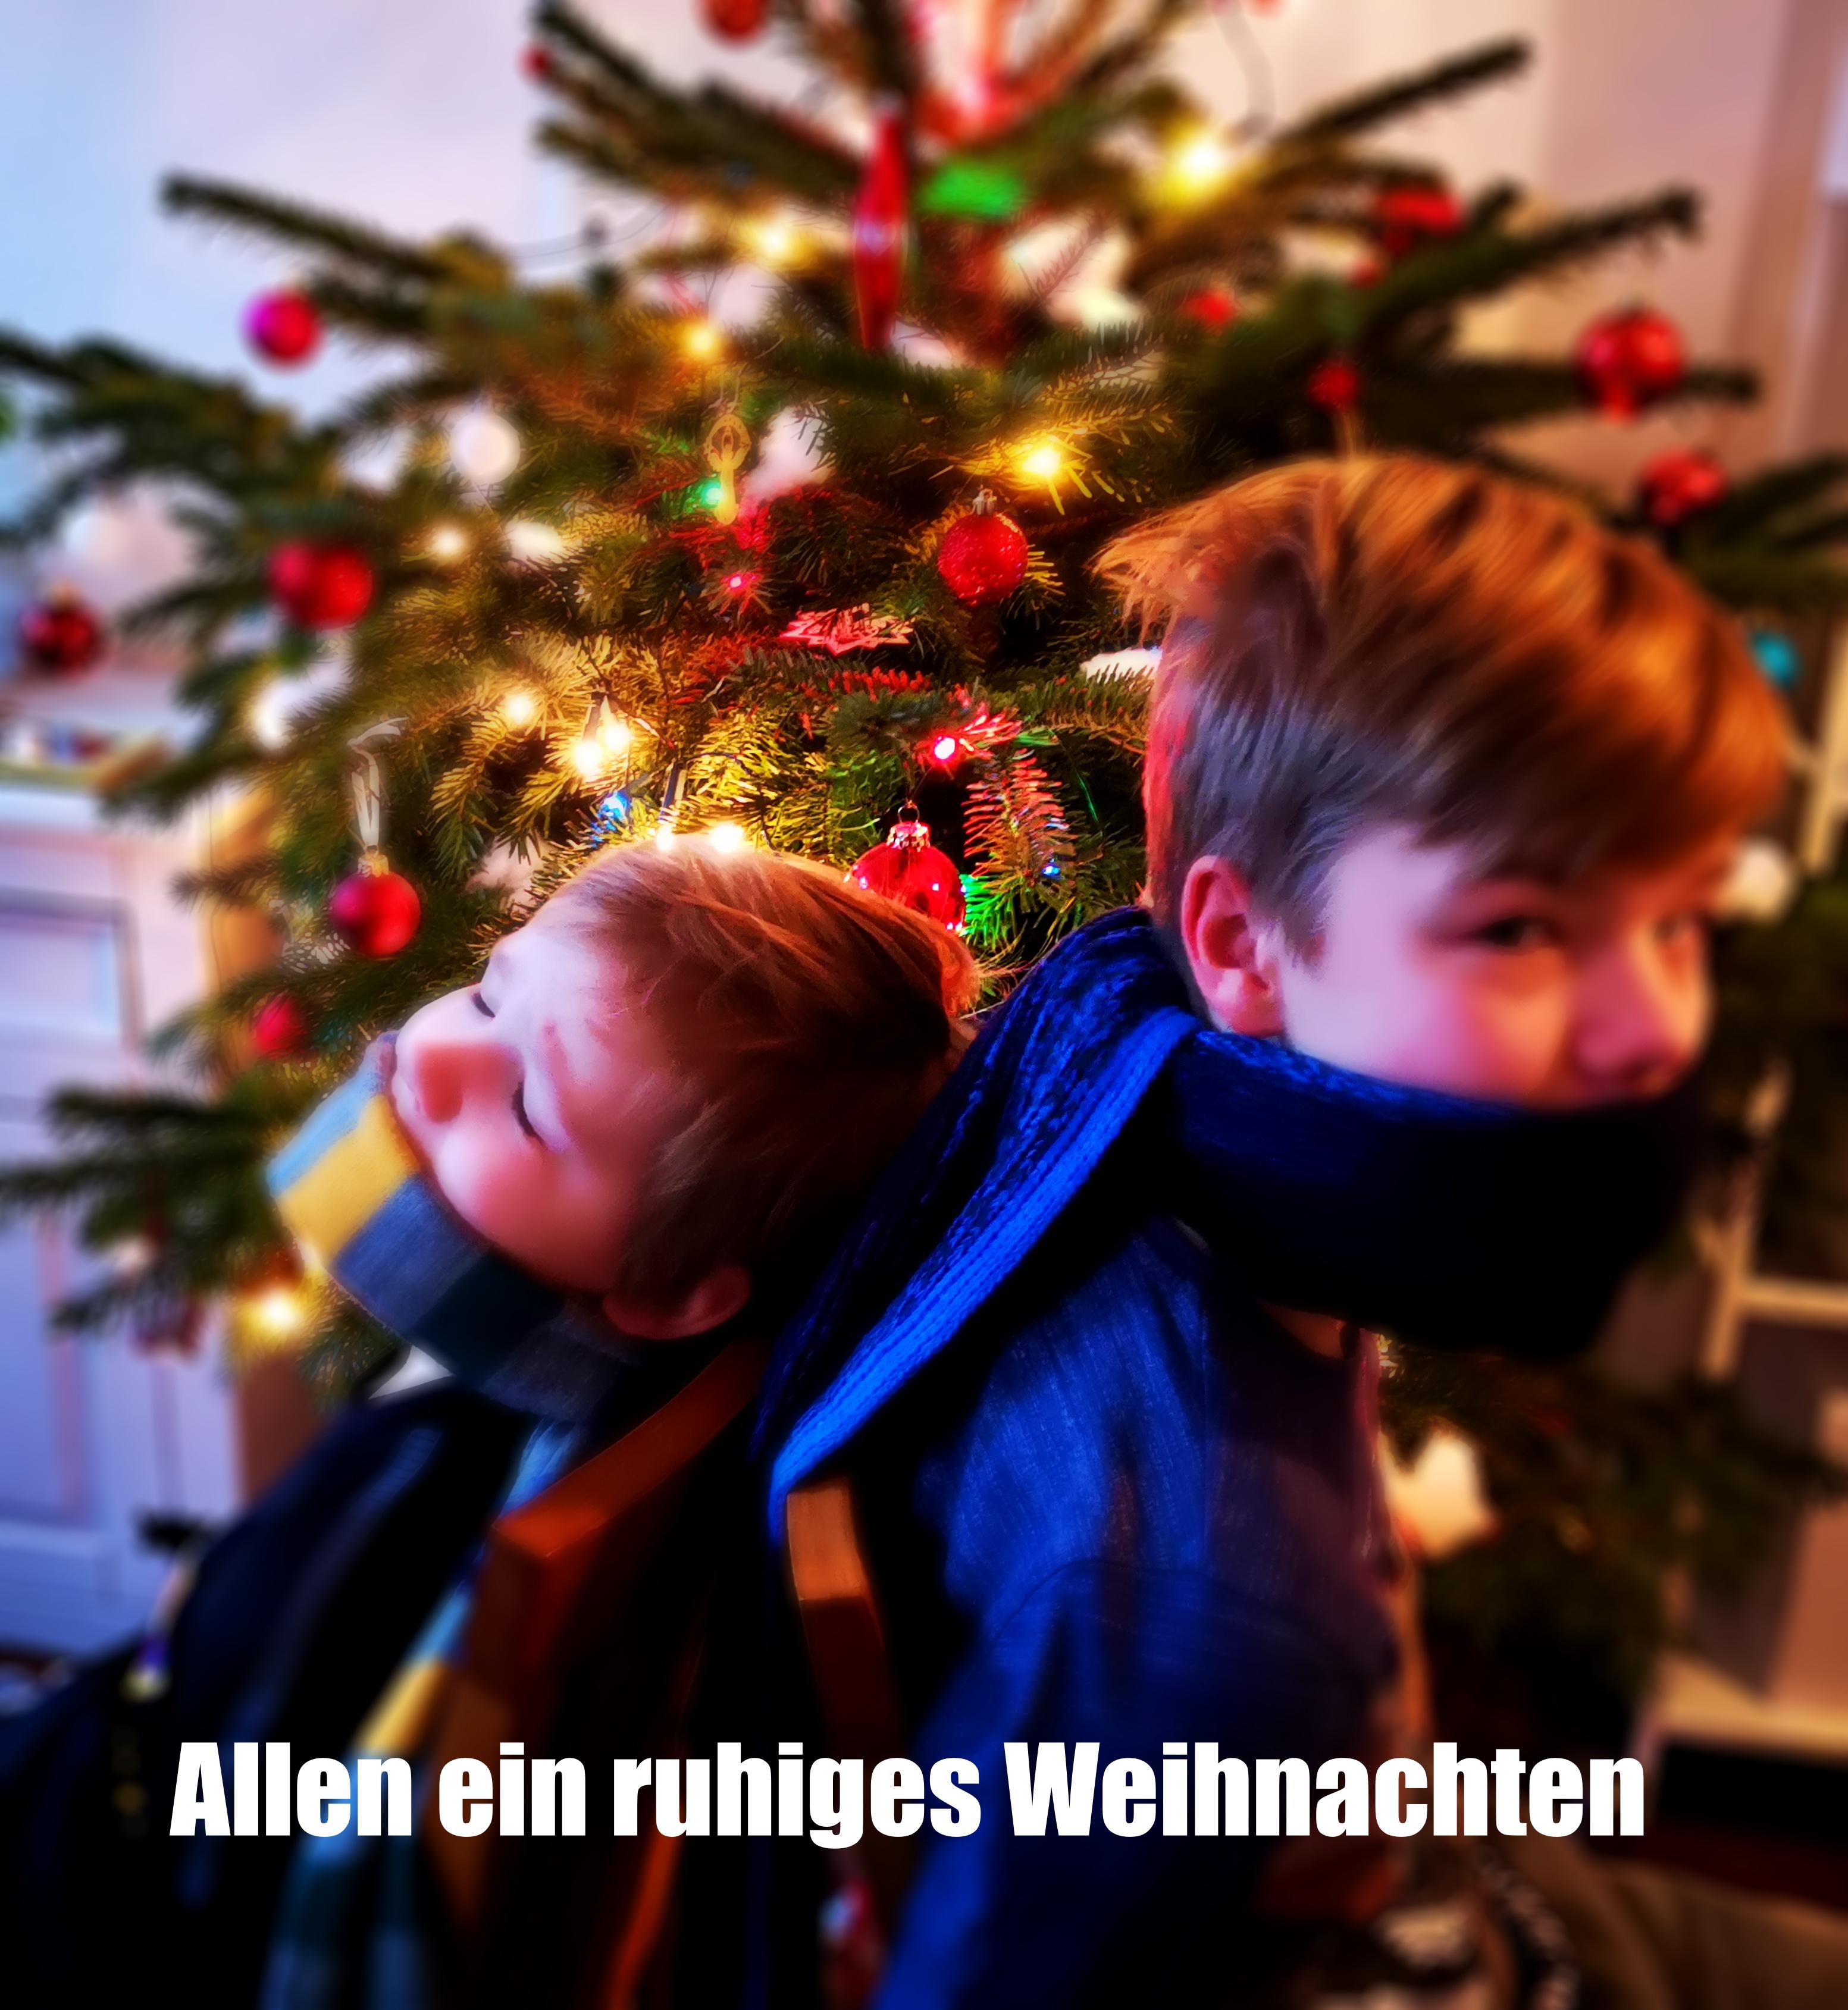 Ruhige Weihnachten